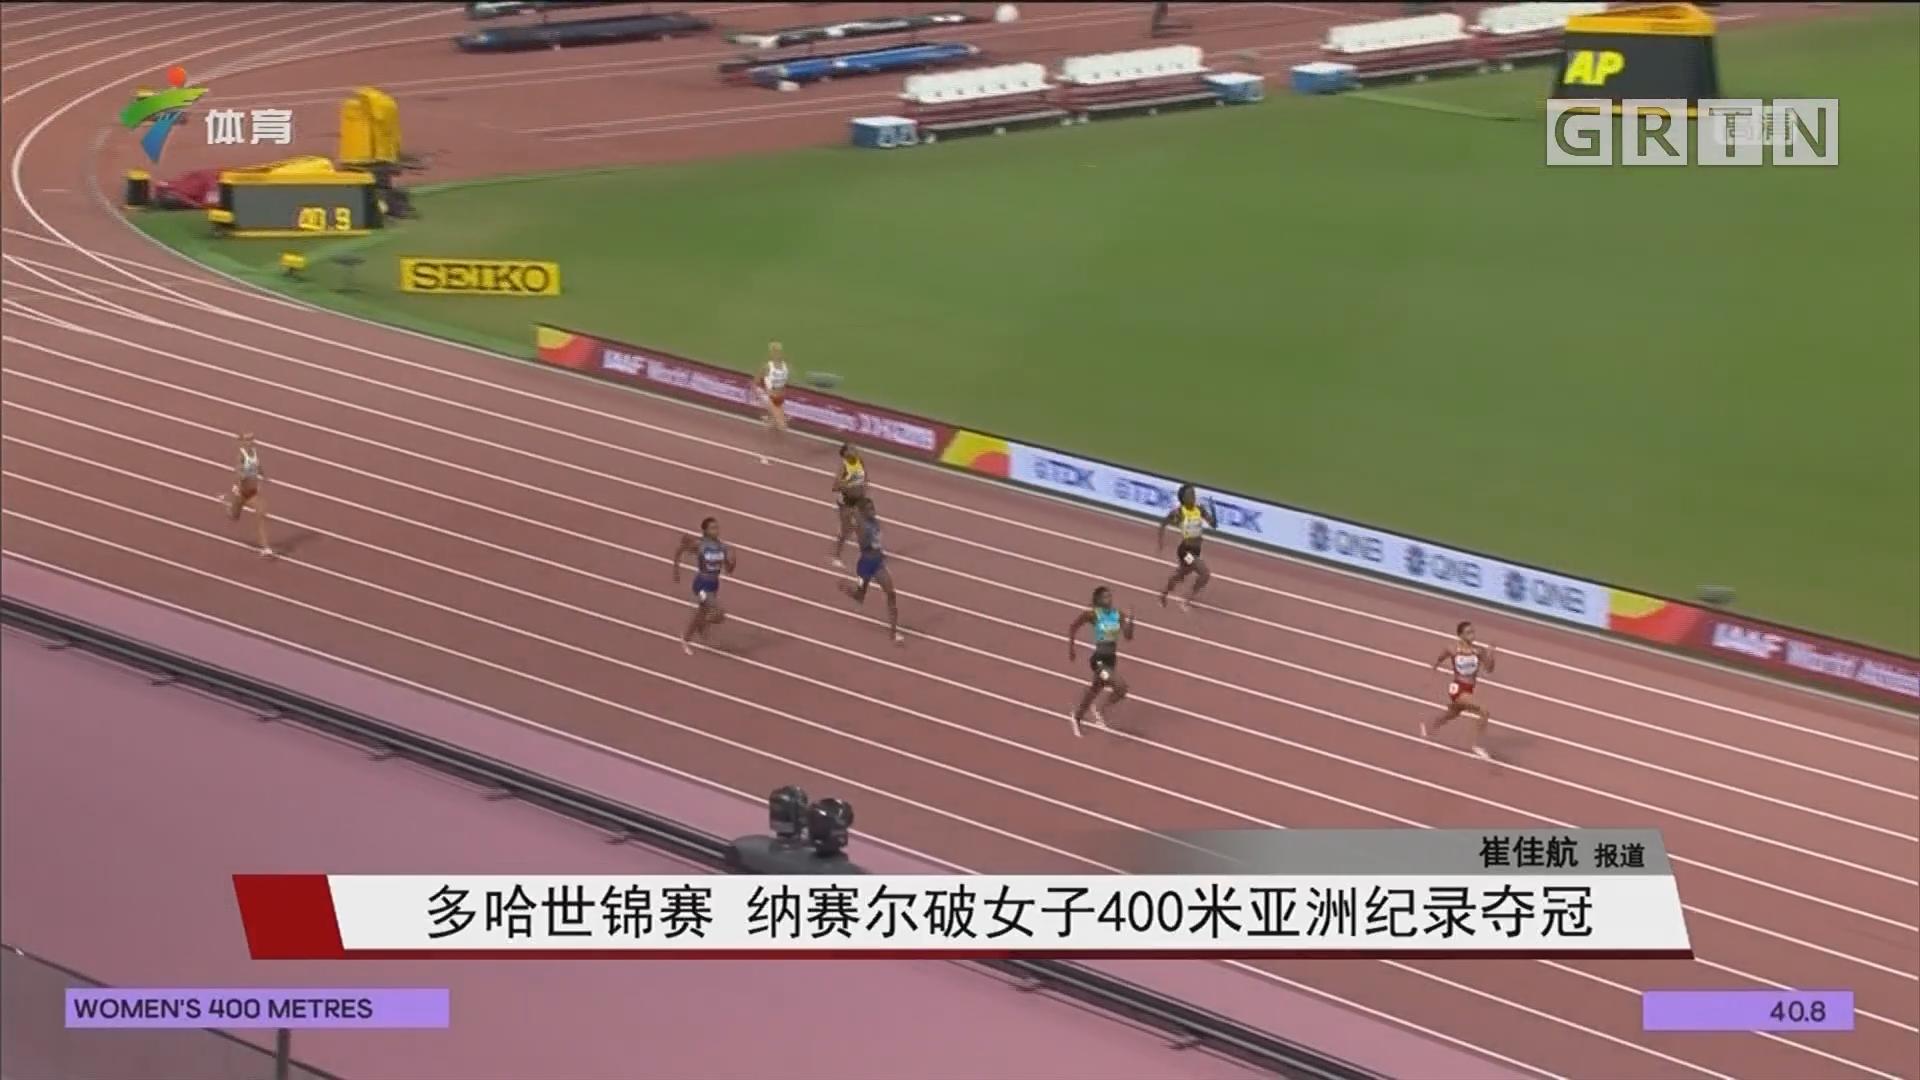 多哈世錦賽 納賽爾破女子400米亞洲紀錄奪冠